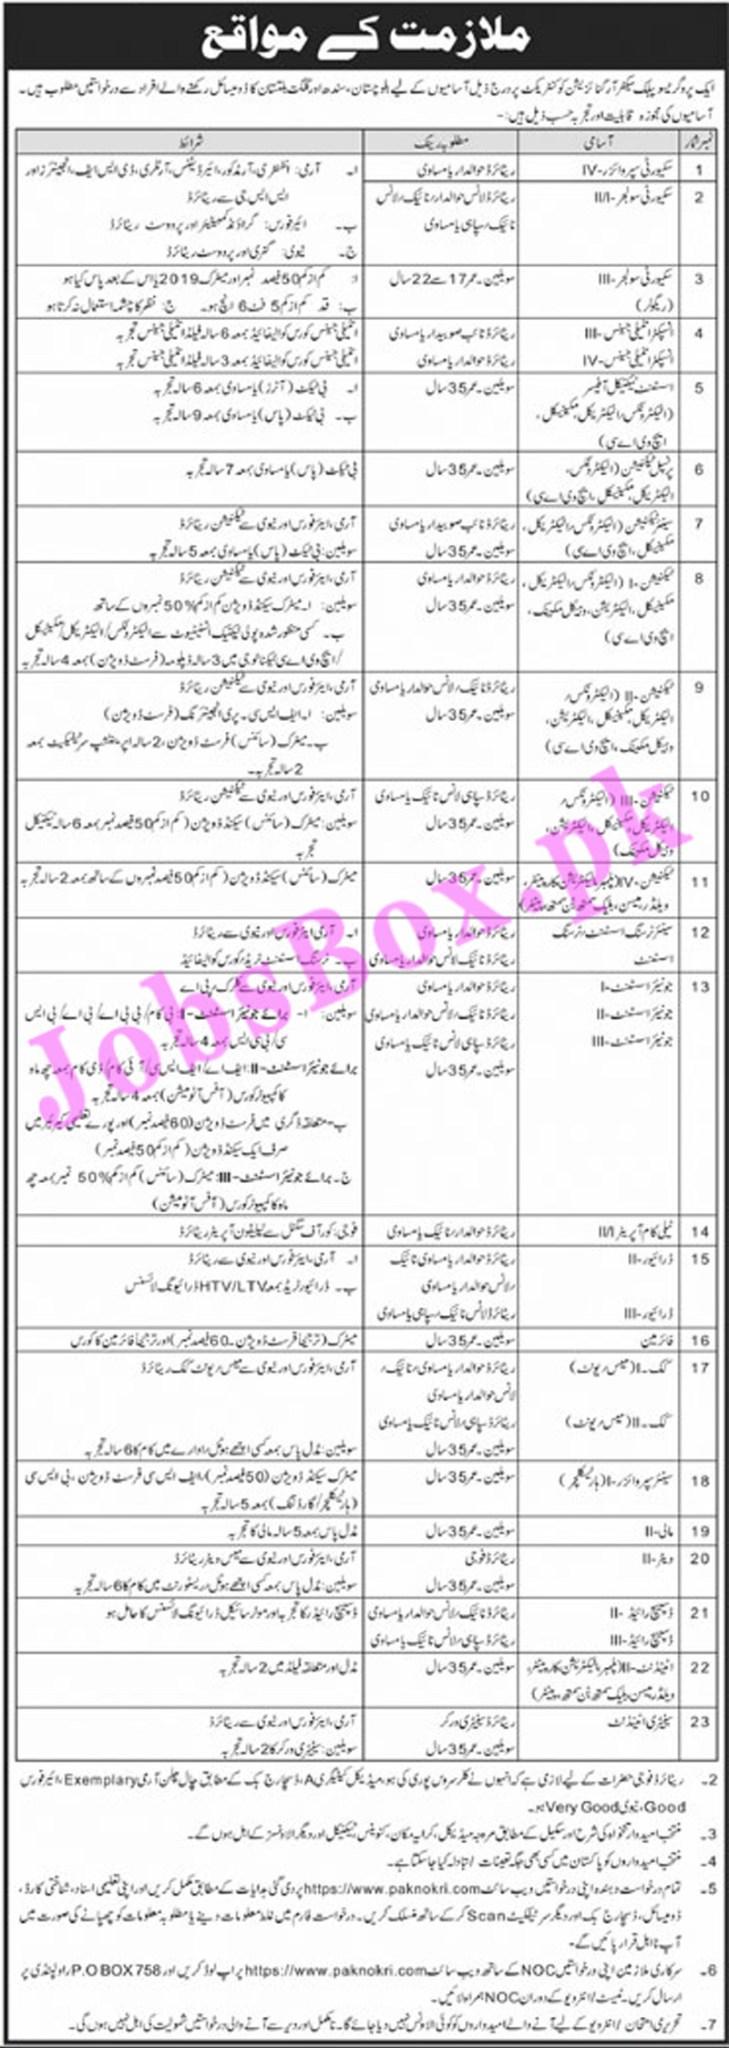 https://www.paknokri.com - Pak Army PO Box 758 Rawalpindi Jobs 2021 in Pakistan